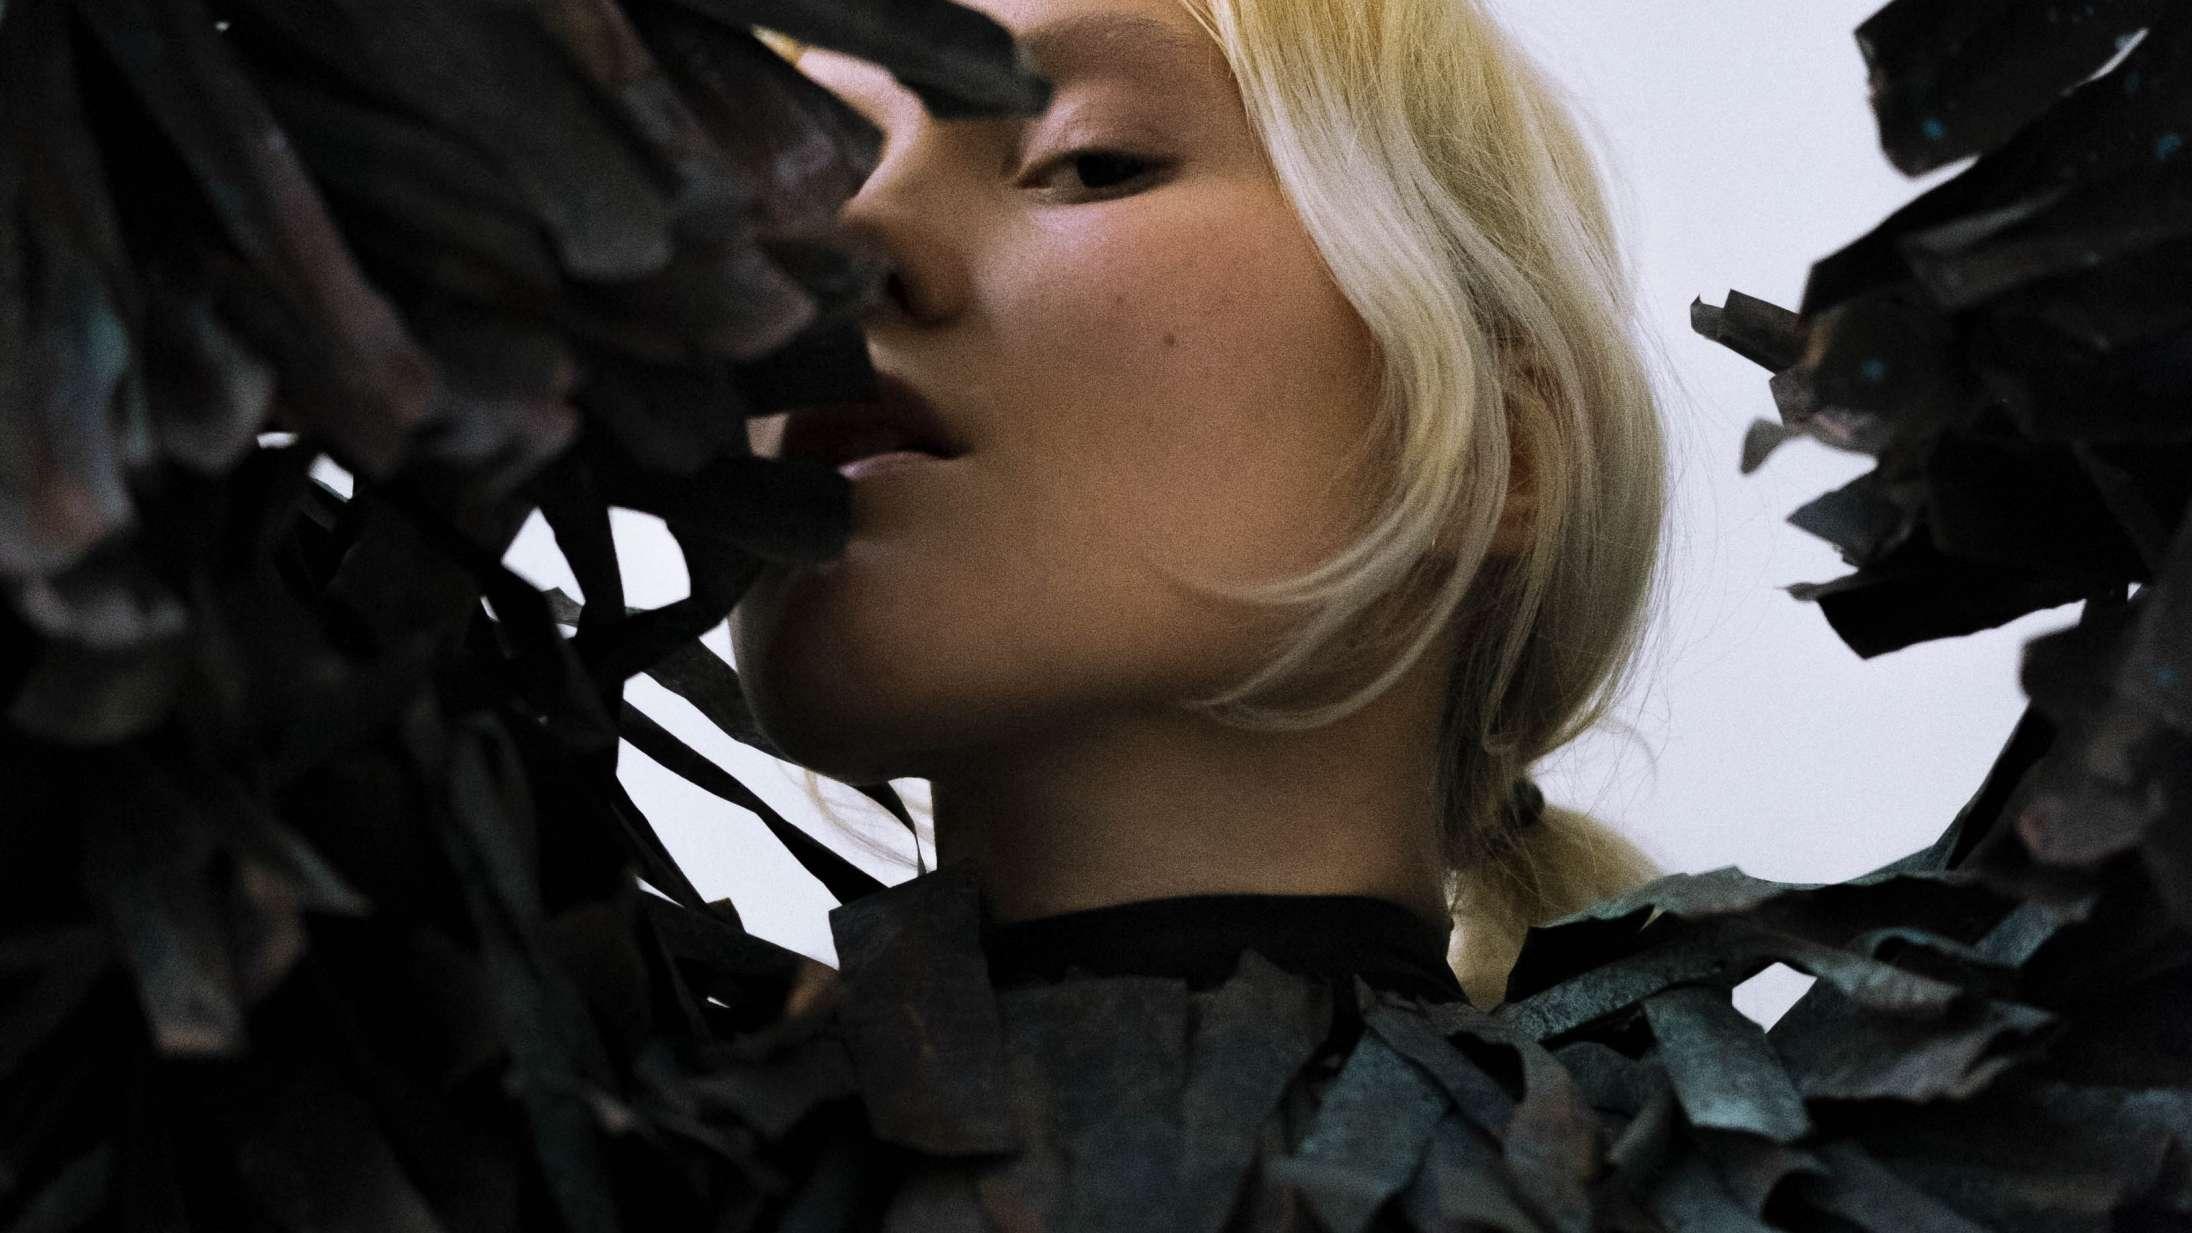 Fabers debutalbum 'Portrætter' rummer store popøjeblikke under den hårde fernis